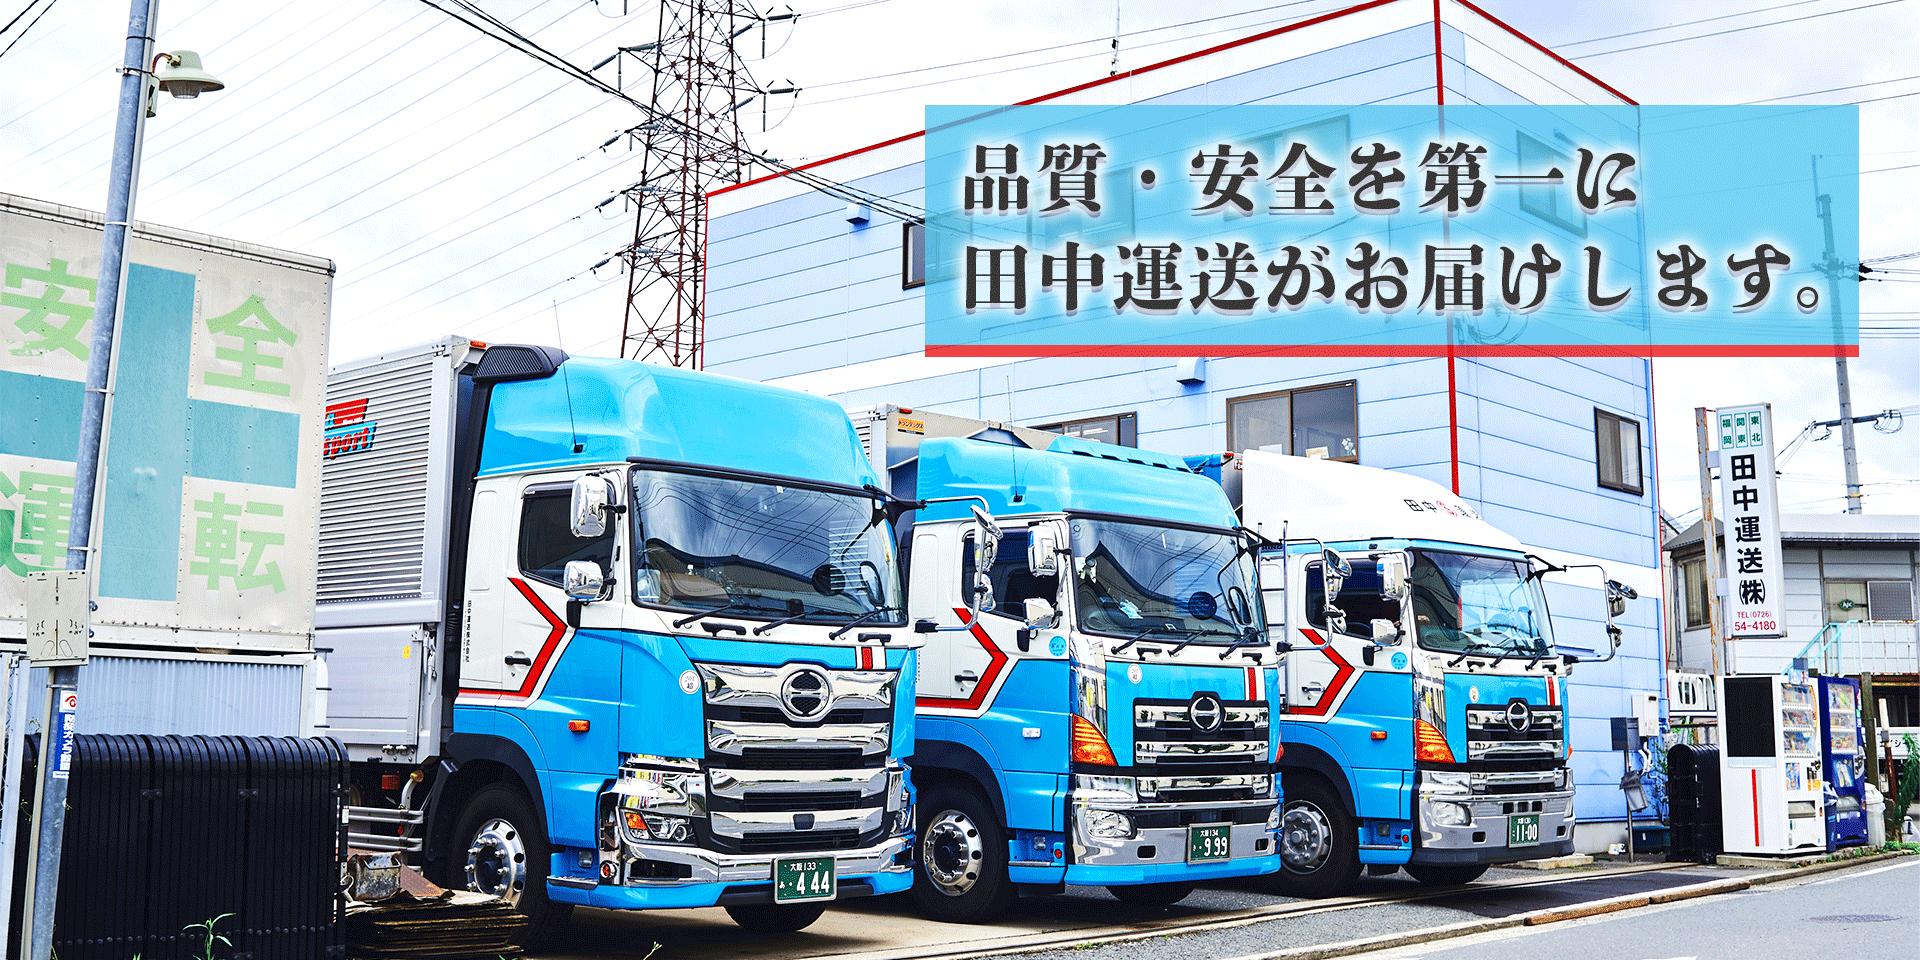 田中運送株式会社|大阪府摂津市から全国へ